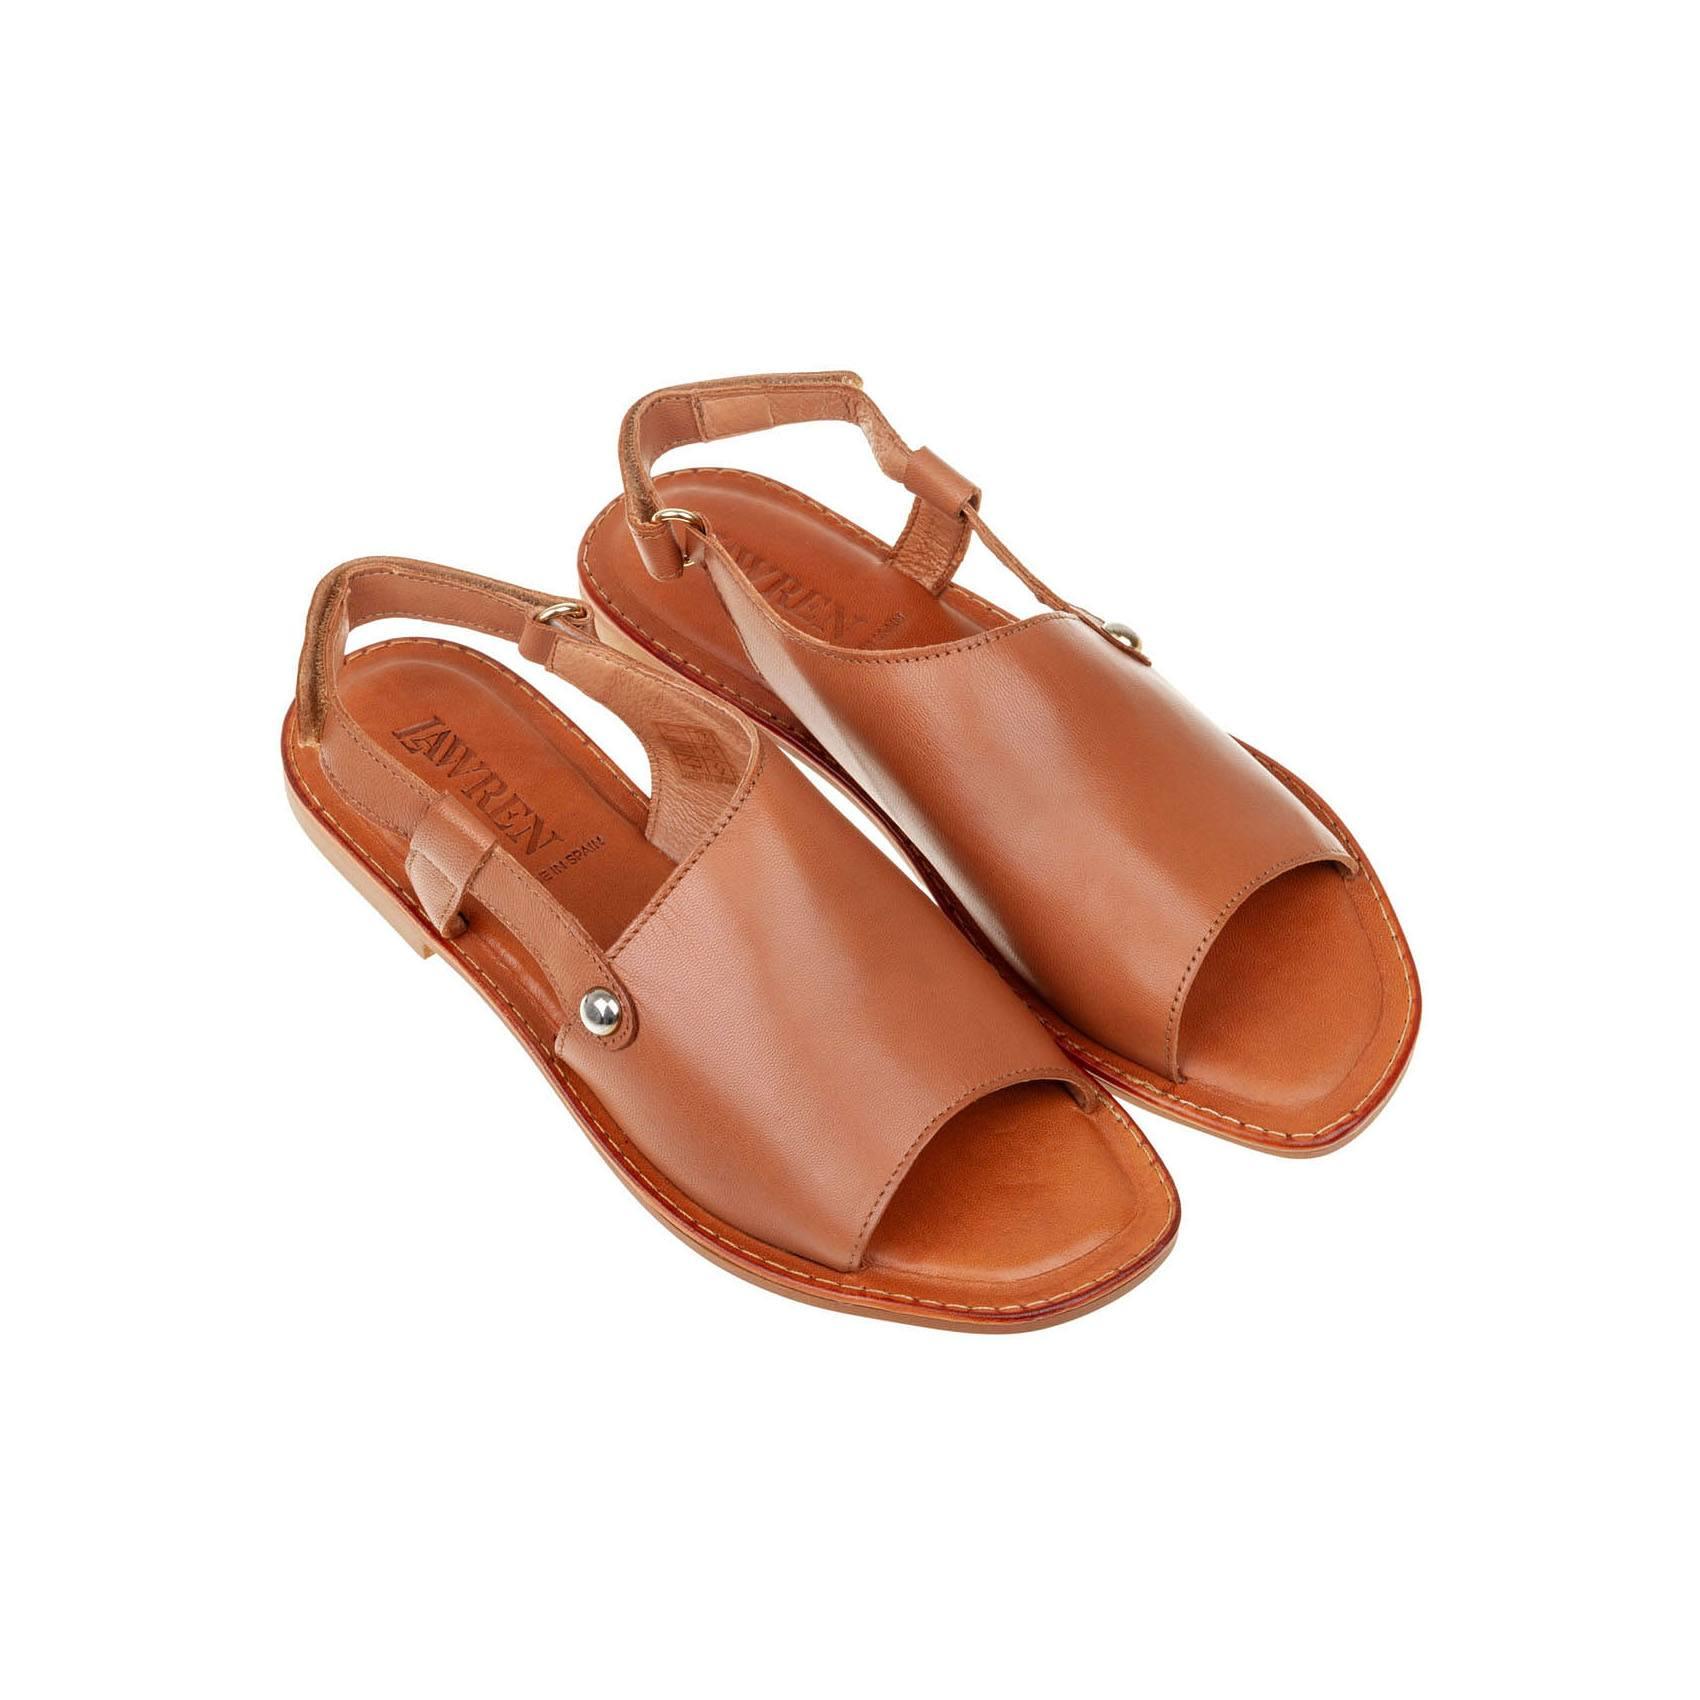 Sandalia-piel-corte-asimetrico-plana-Lawren-1